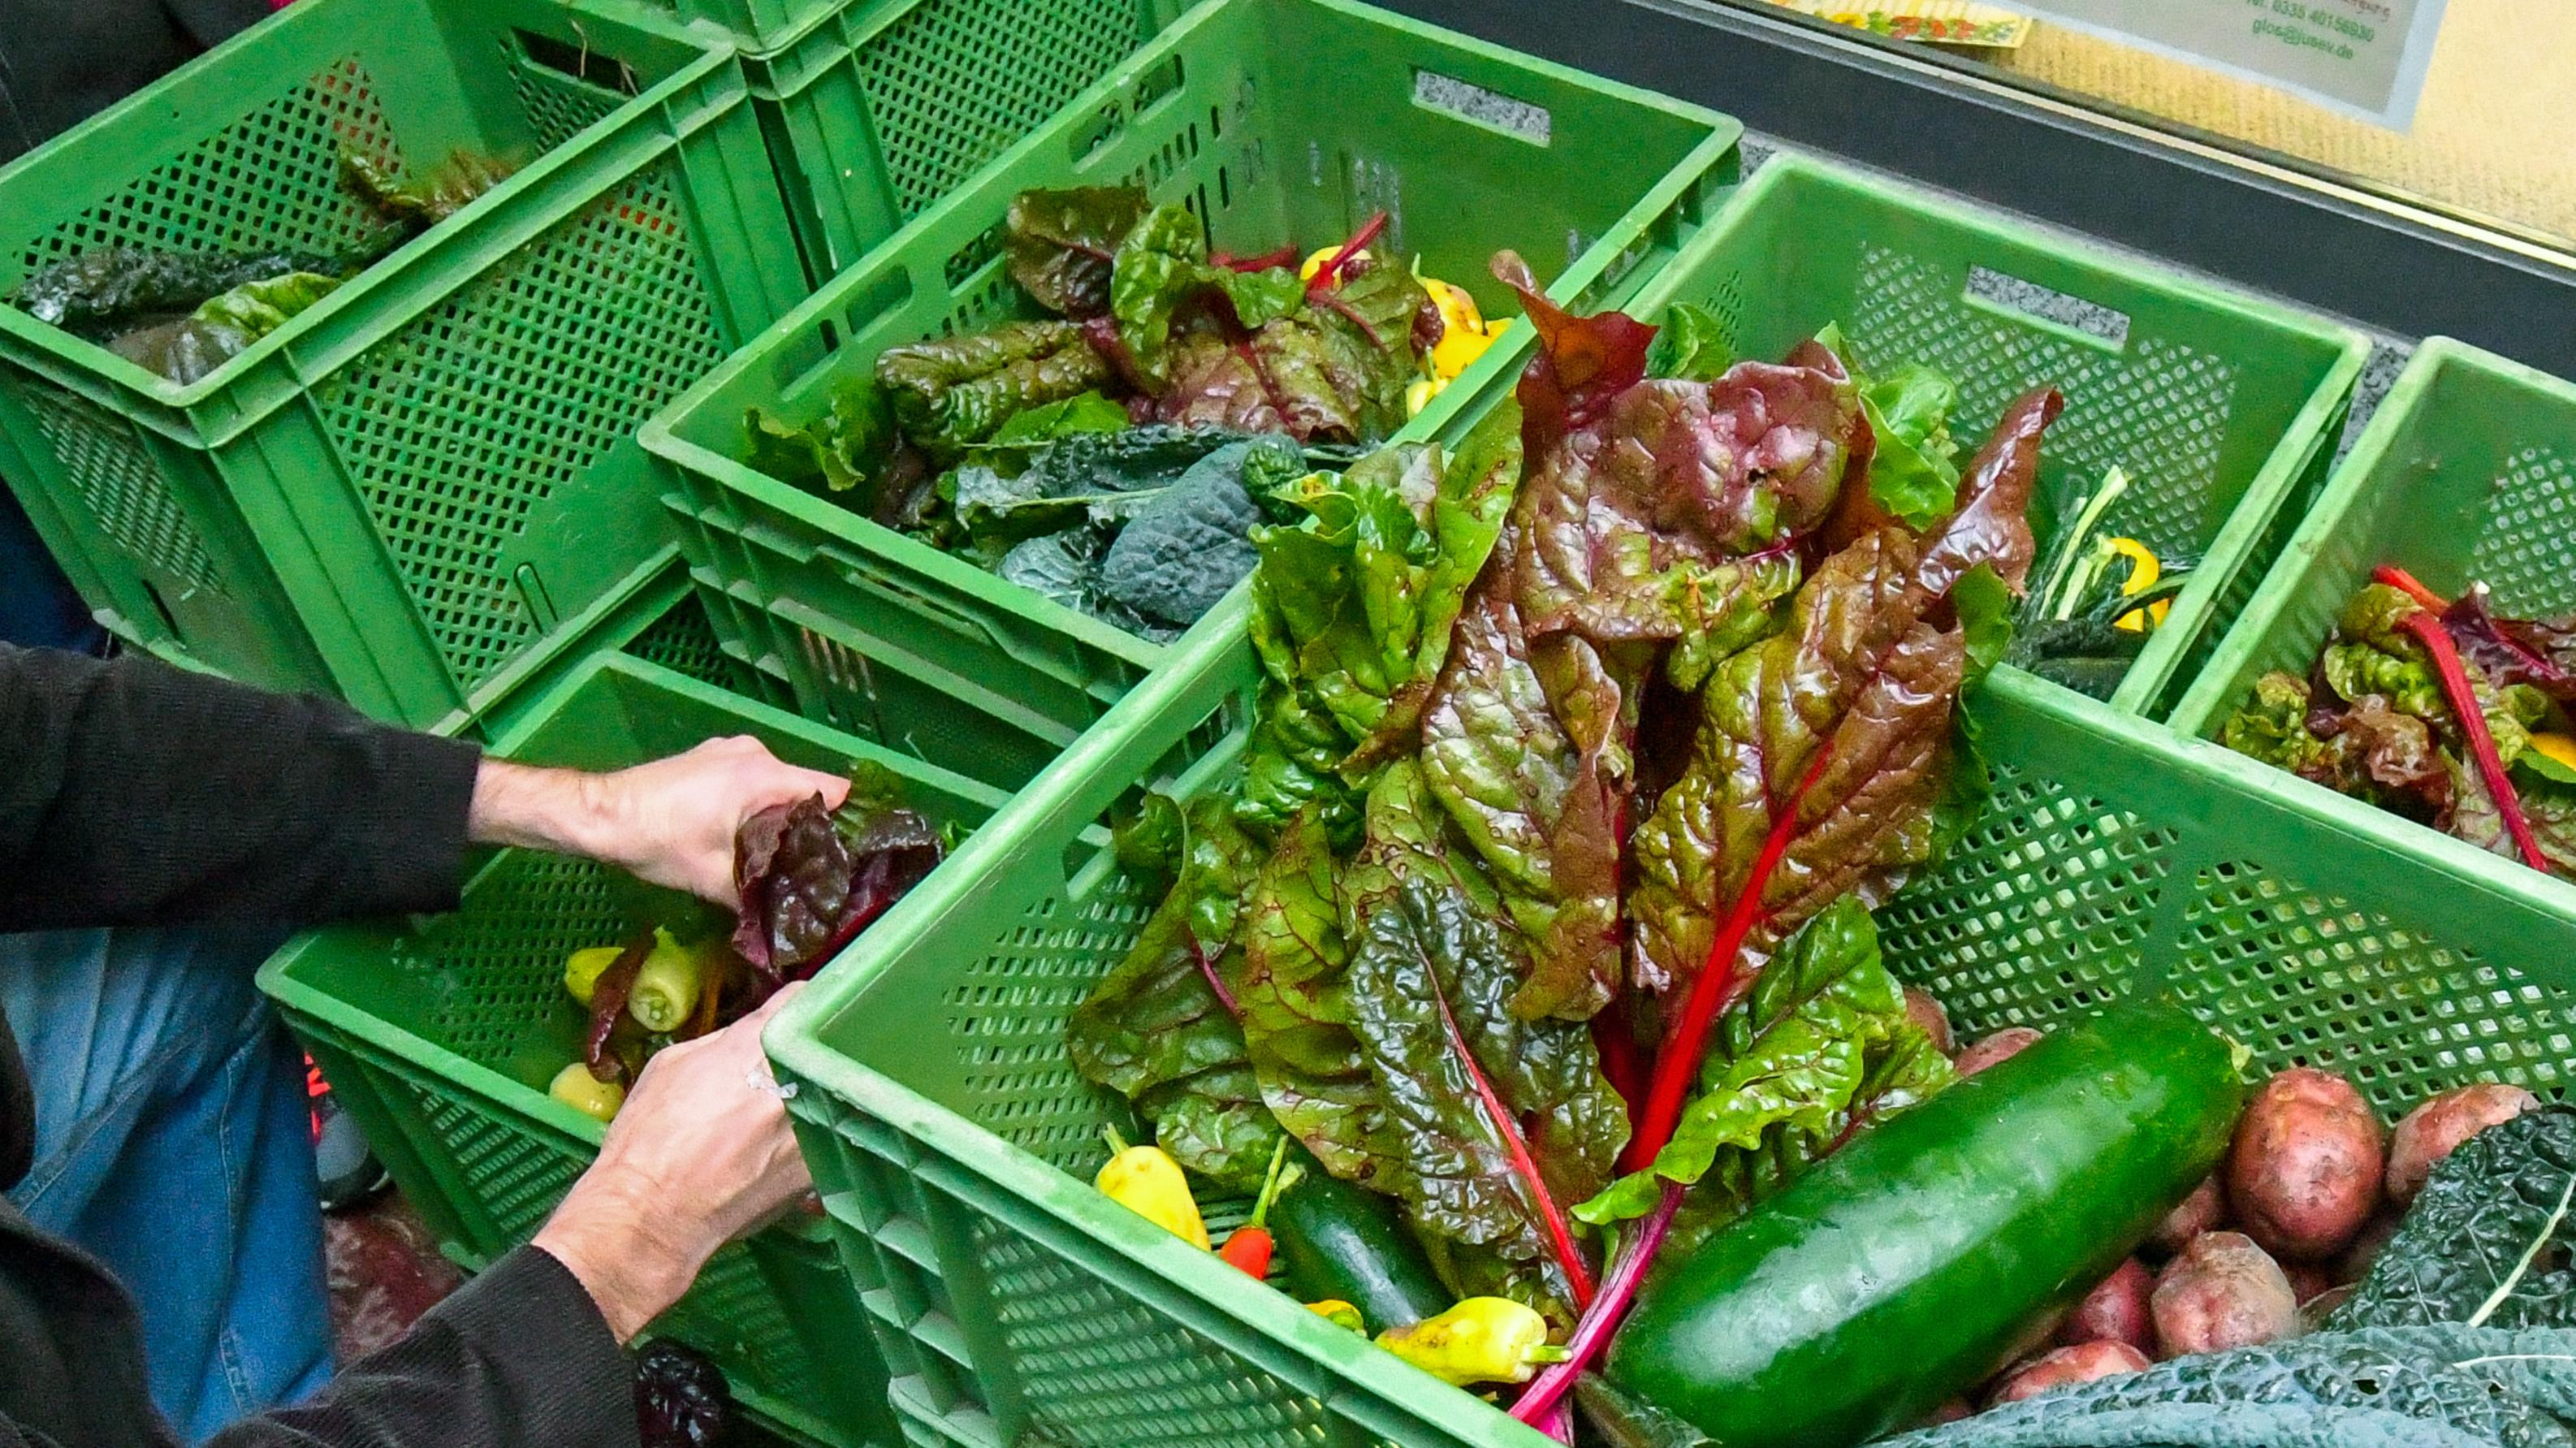 Grüne Gemüsekisten, hier mit Inhalt.